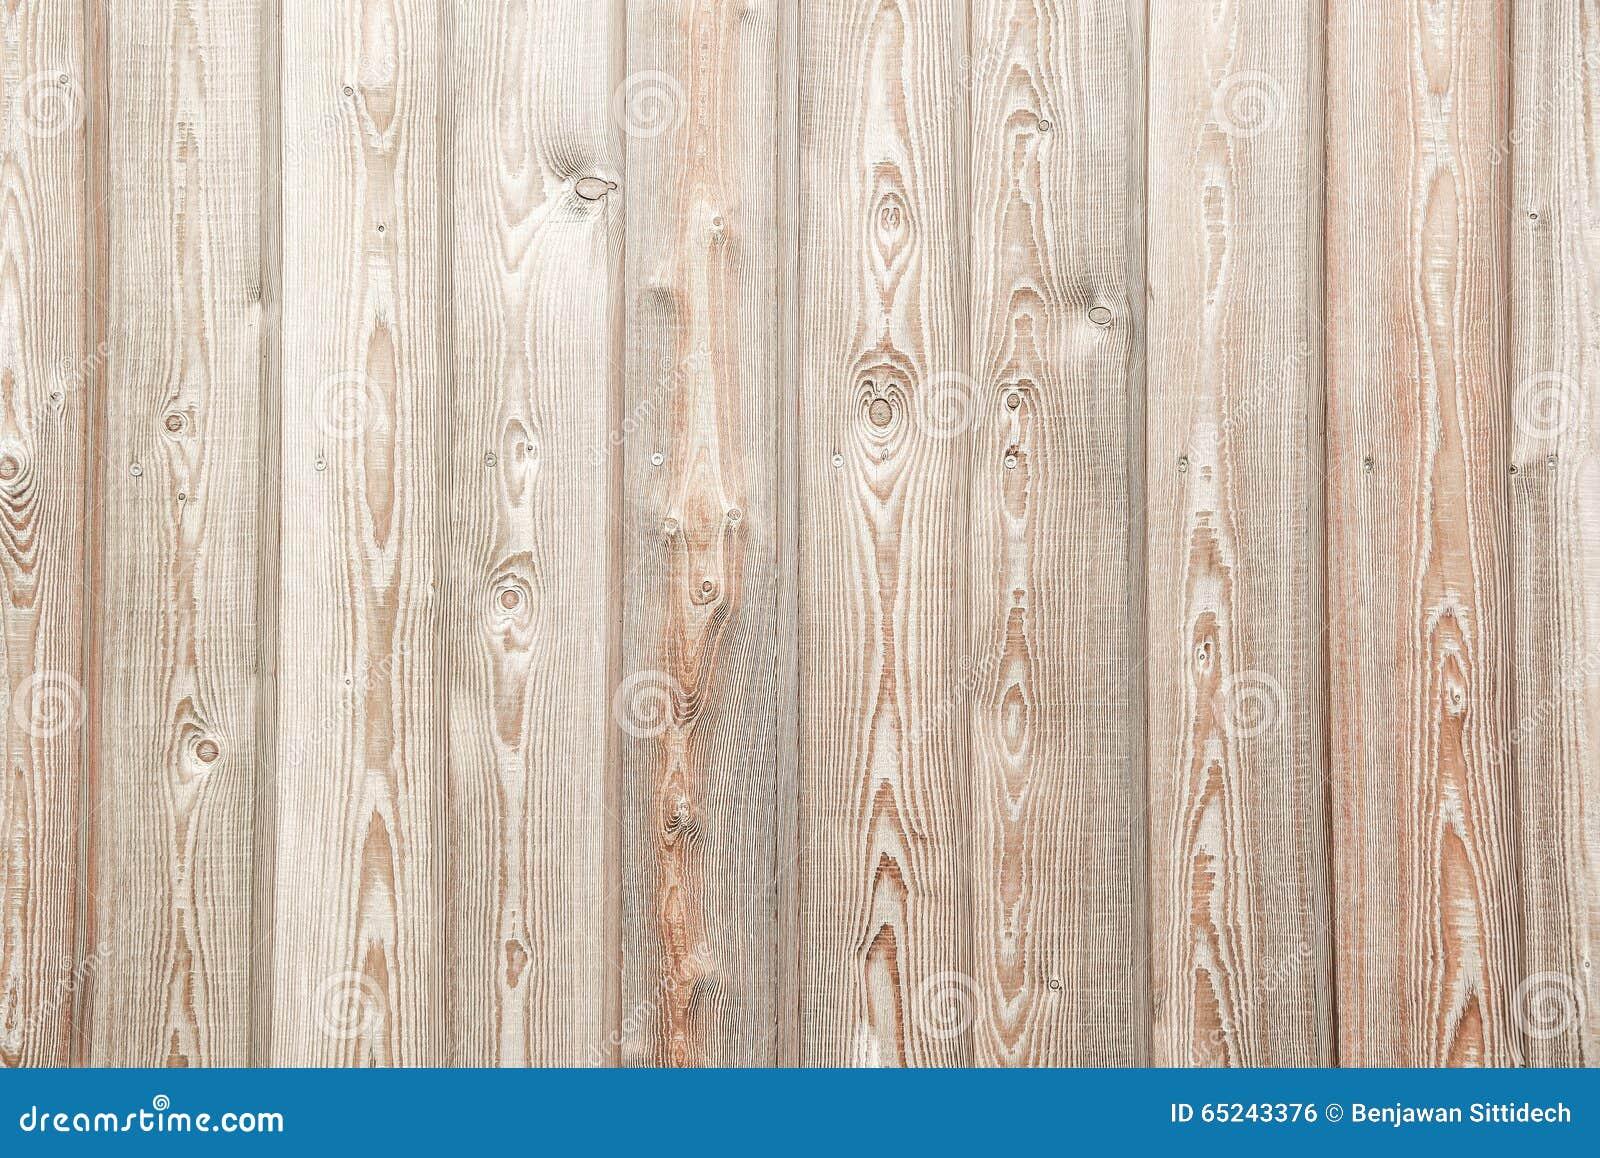 fond en bois beige de texture de planche photo stock image du beau barri re 65243376. Black Bedroom Furniture Sets. Home Design Ideas